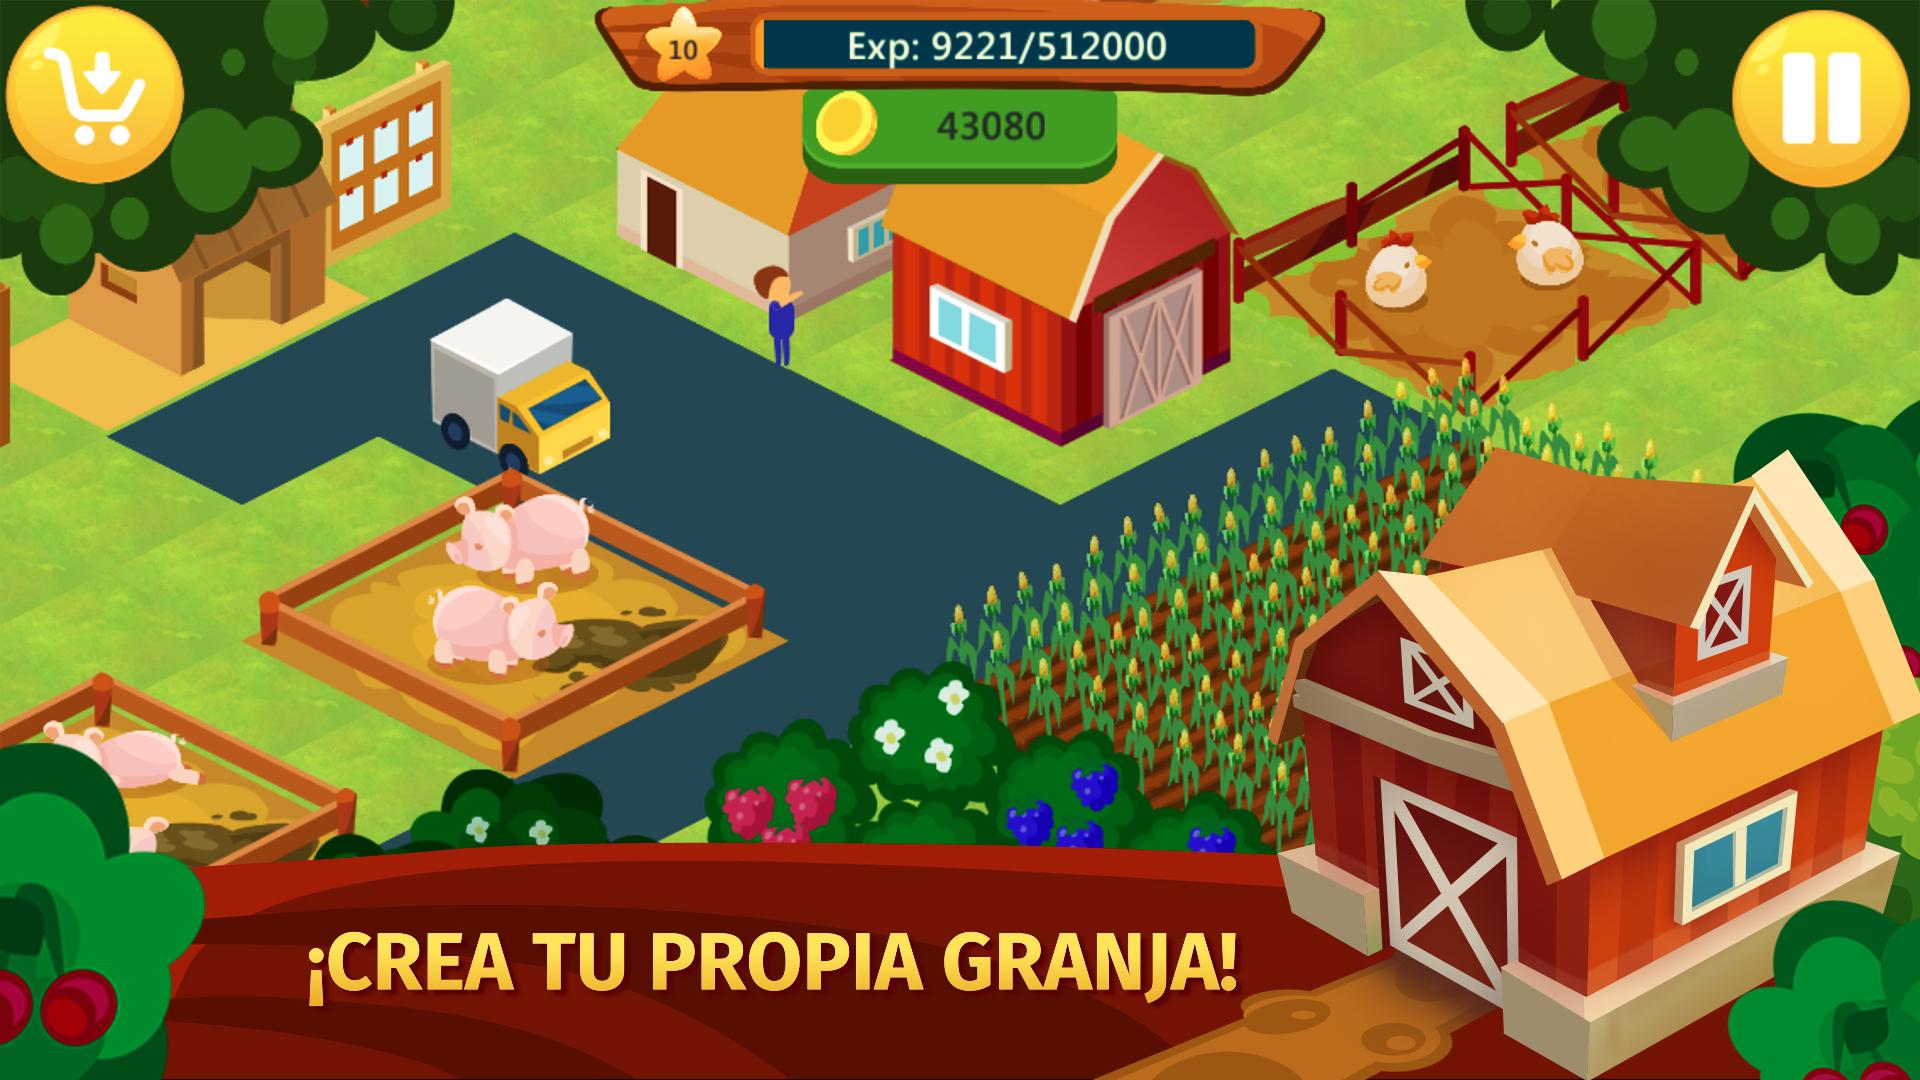 Farm Fence: Country City 2 - Virtual Farming Simulator: simulator de granja con vacas y caballos, cuidar animales y mascotas, construir ciudad y casas en farm ville, juego de aventura: Amazon.es: Appstore